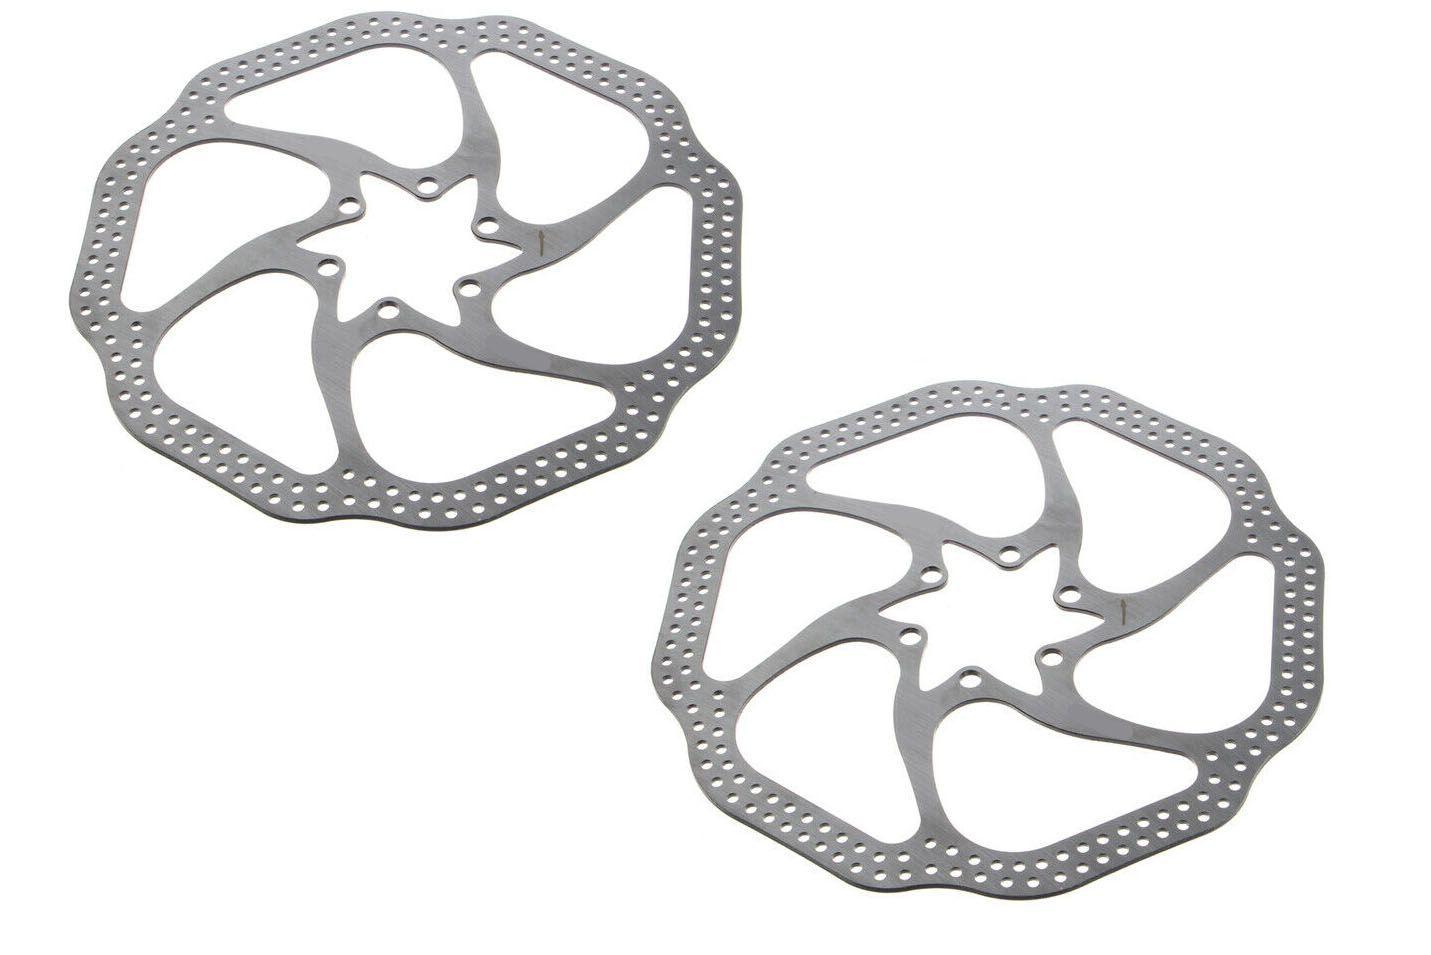 Par de Discos De Freio Rotor Absolute 160mm 6 Furos em Aço pra Bicicletas